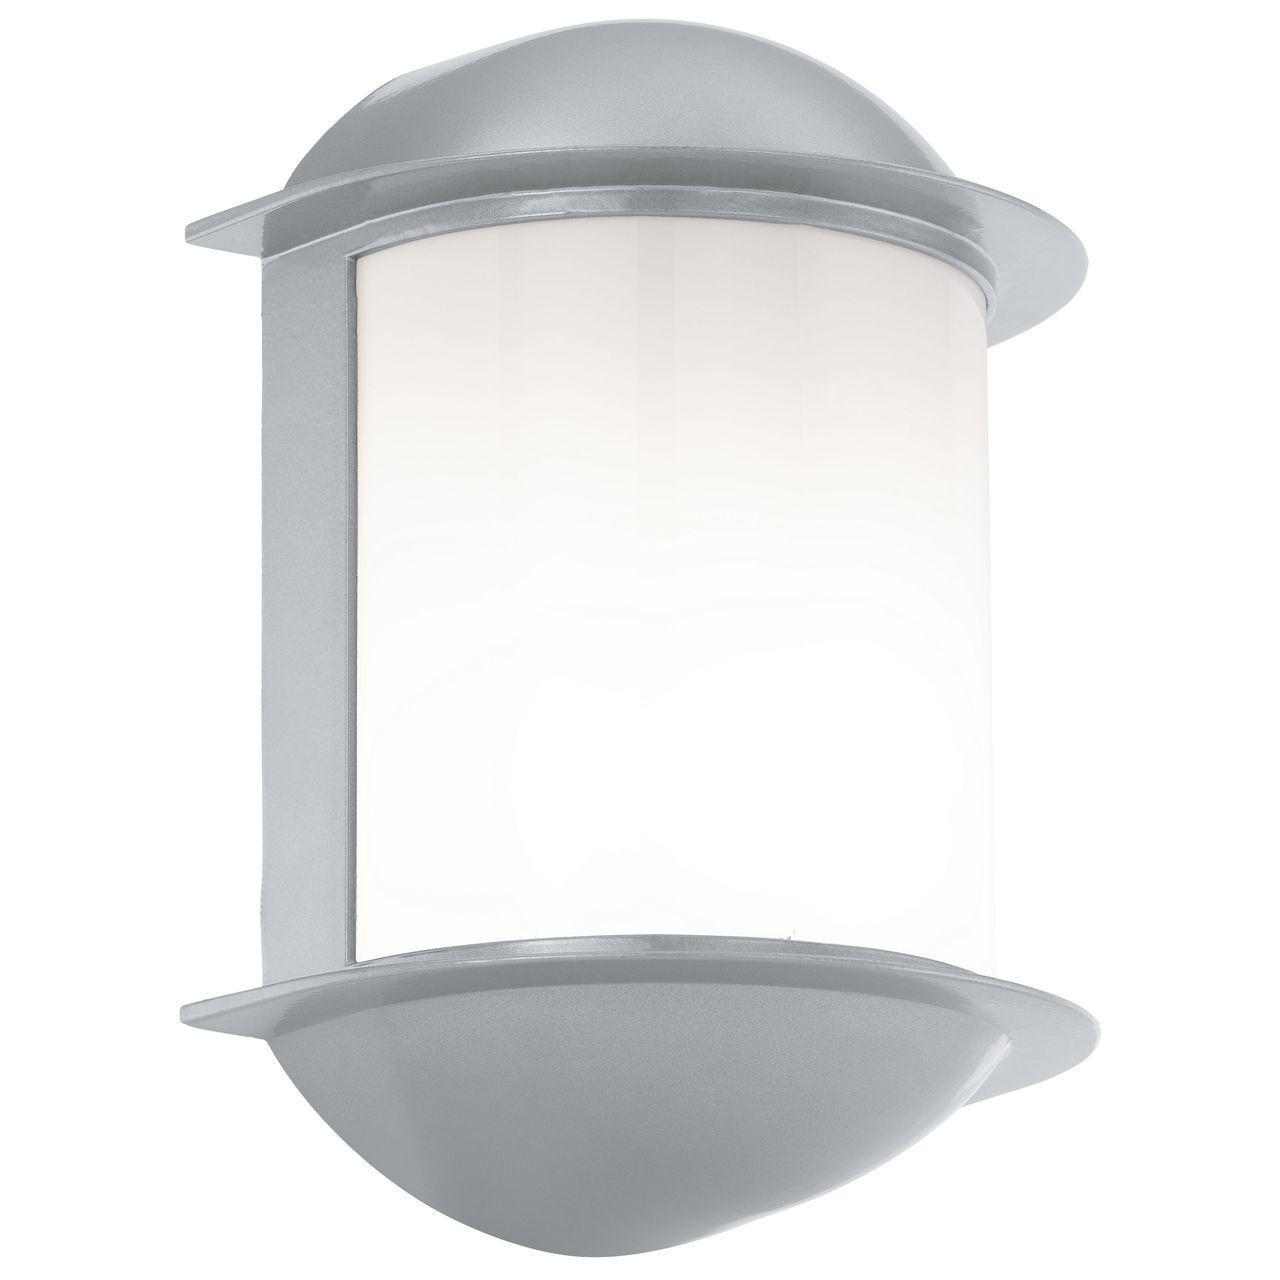 Уличный настенный светильник Eglo Isoba 93259 eglo 93259